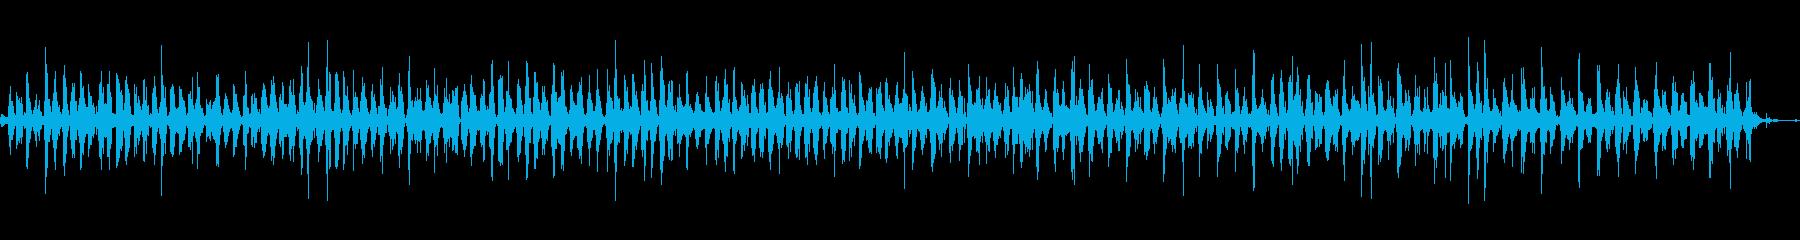 神楽鈴(小)をリズミカルに振る音の再生済みの波形